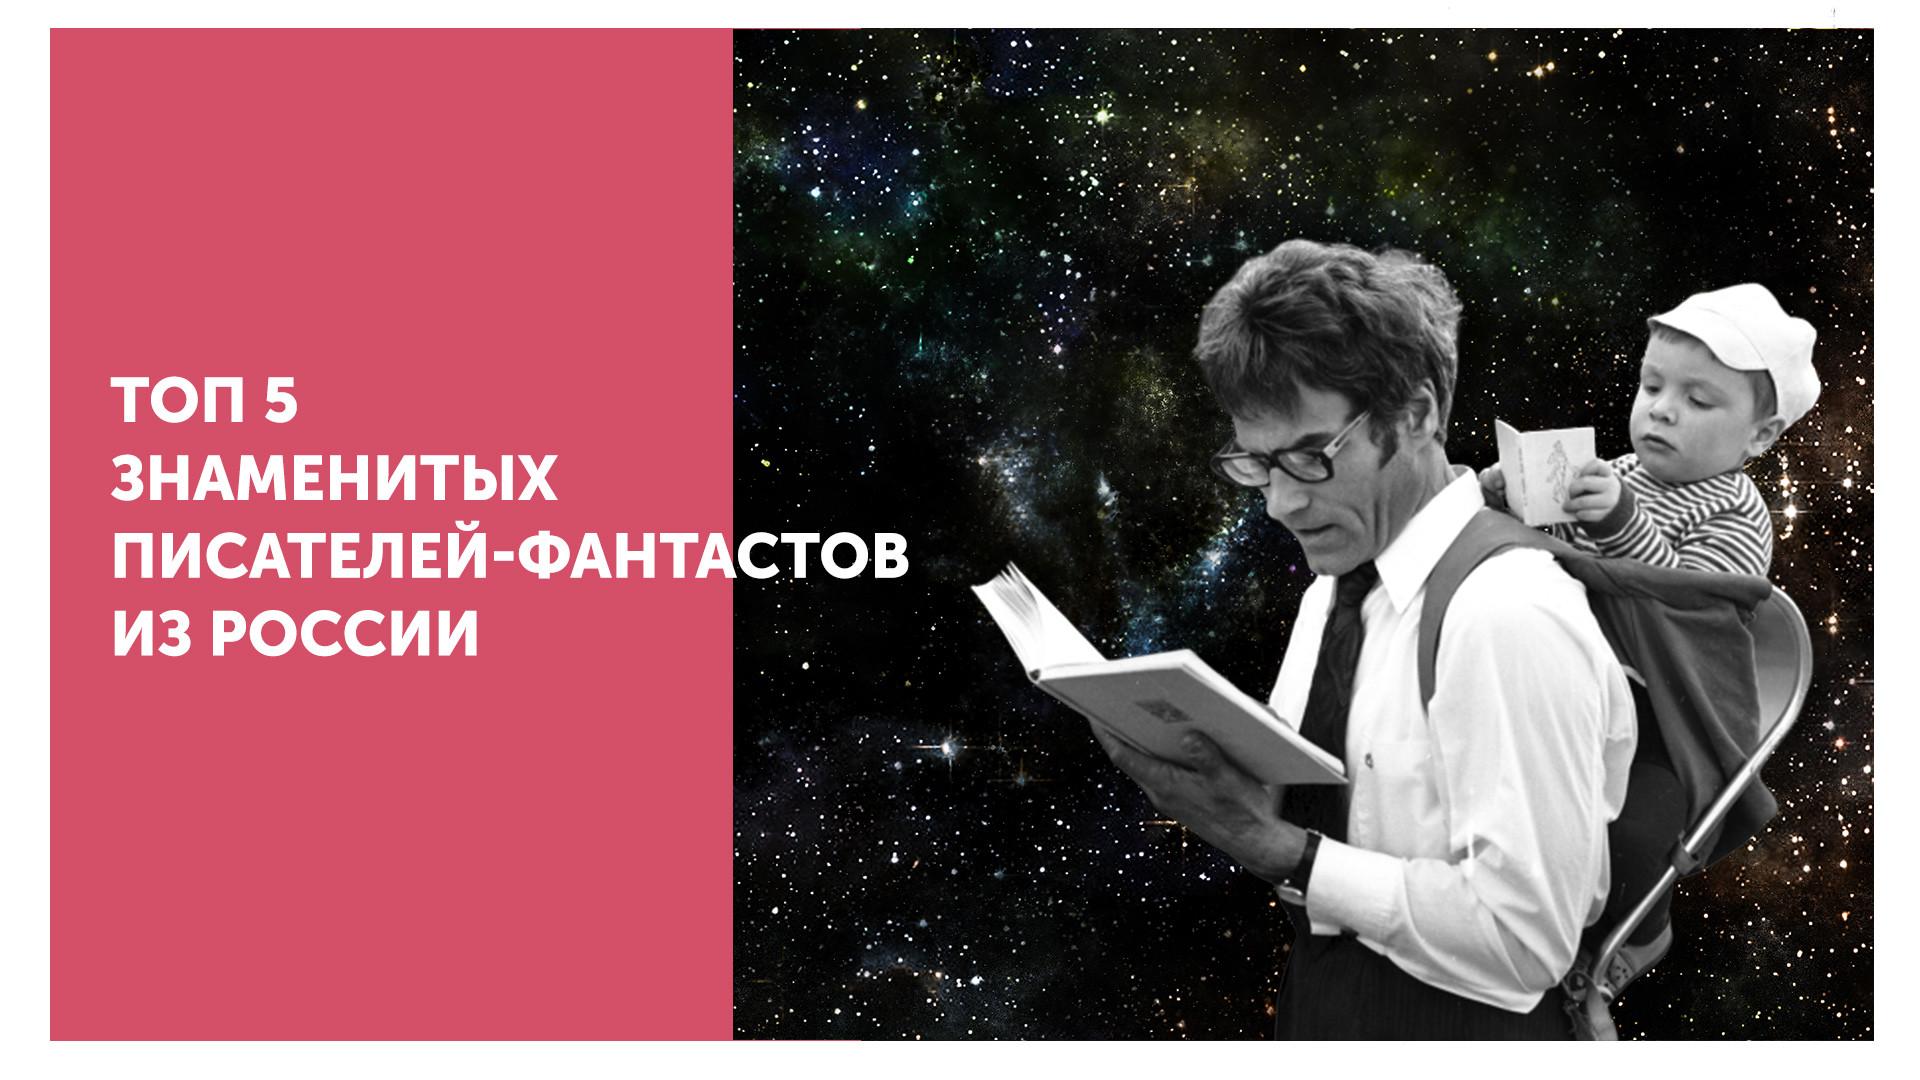 Топ 5 знаменитых писателей-фантастов из России